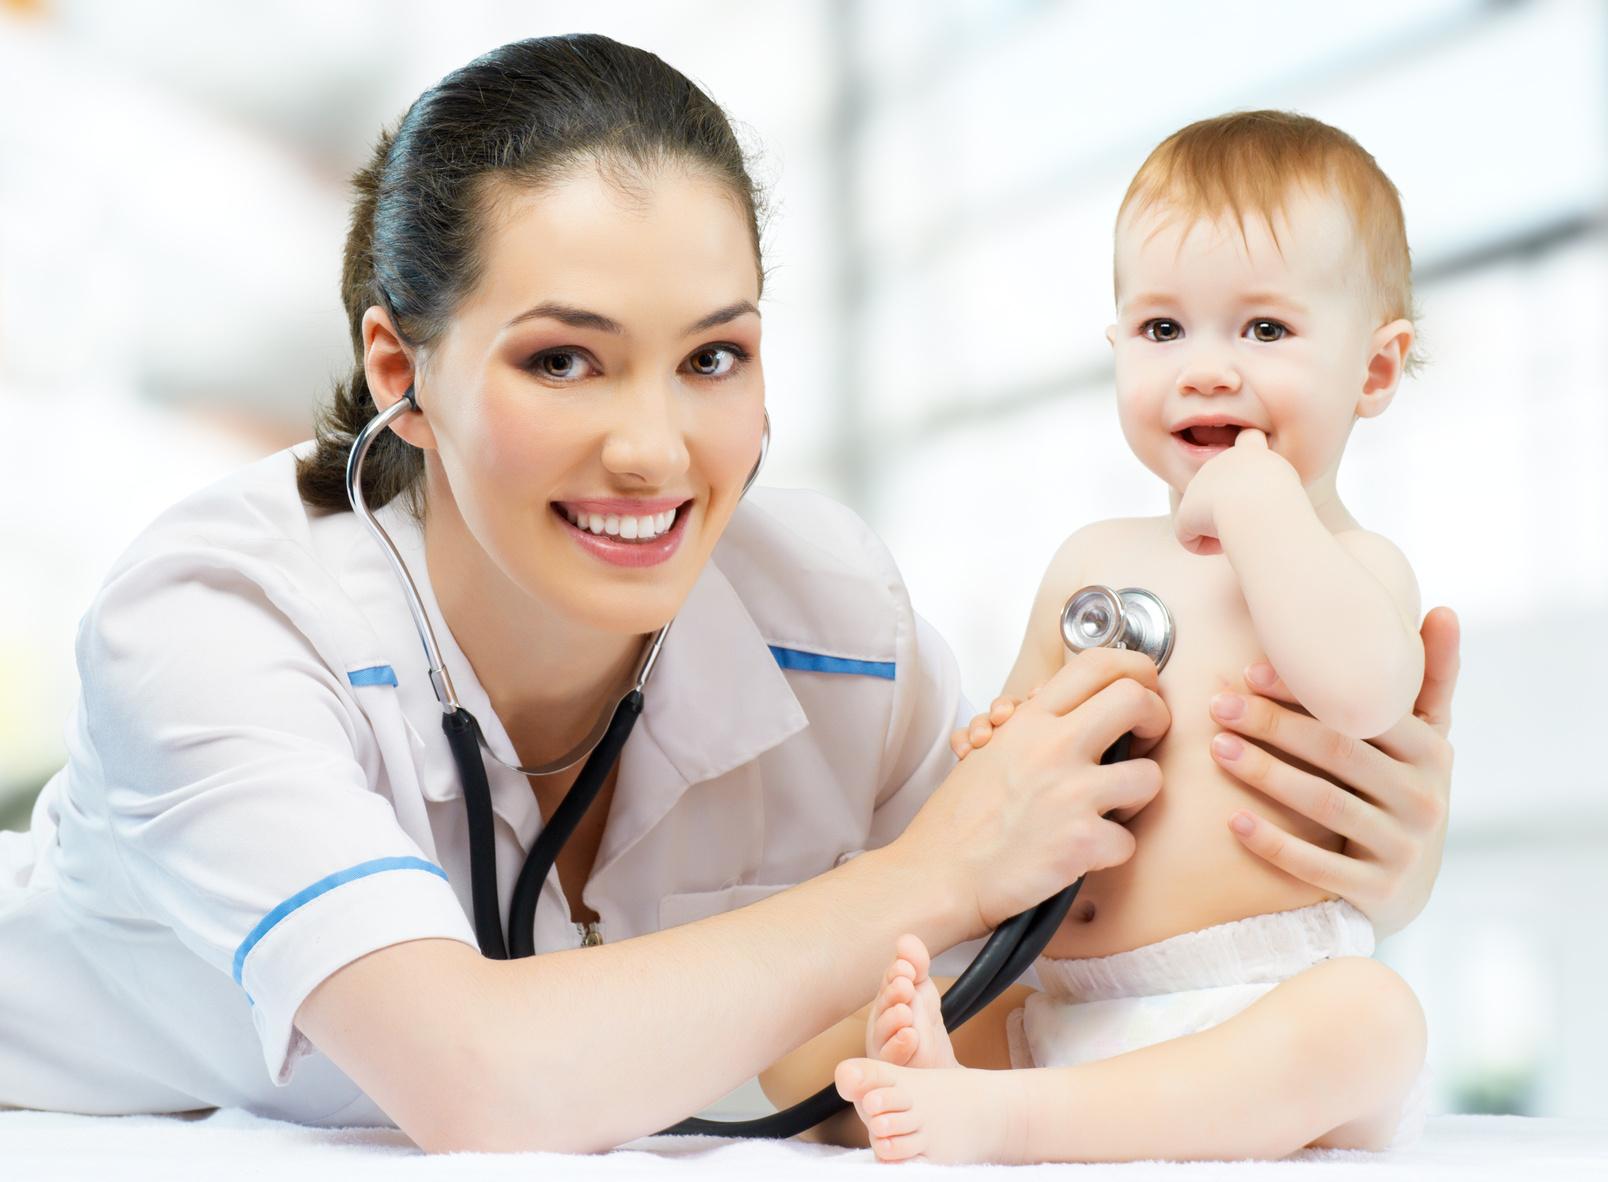 Лучшая частная детская клиника в Германии